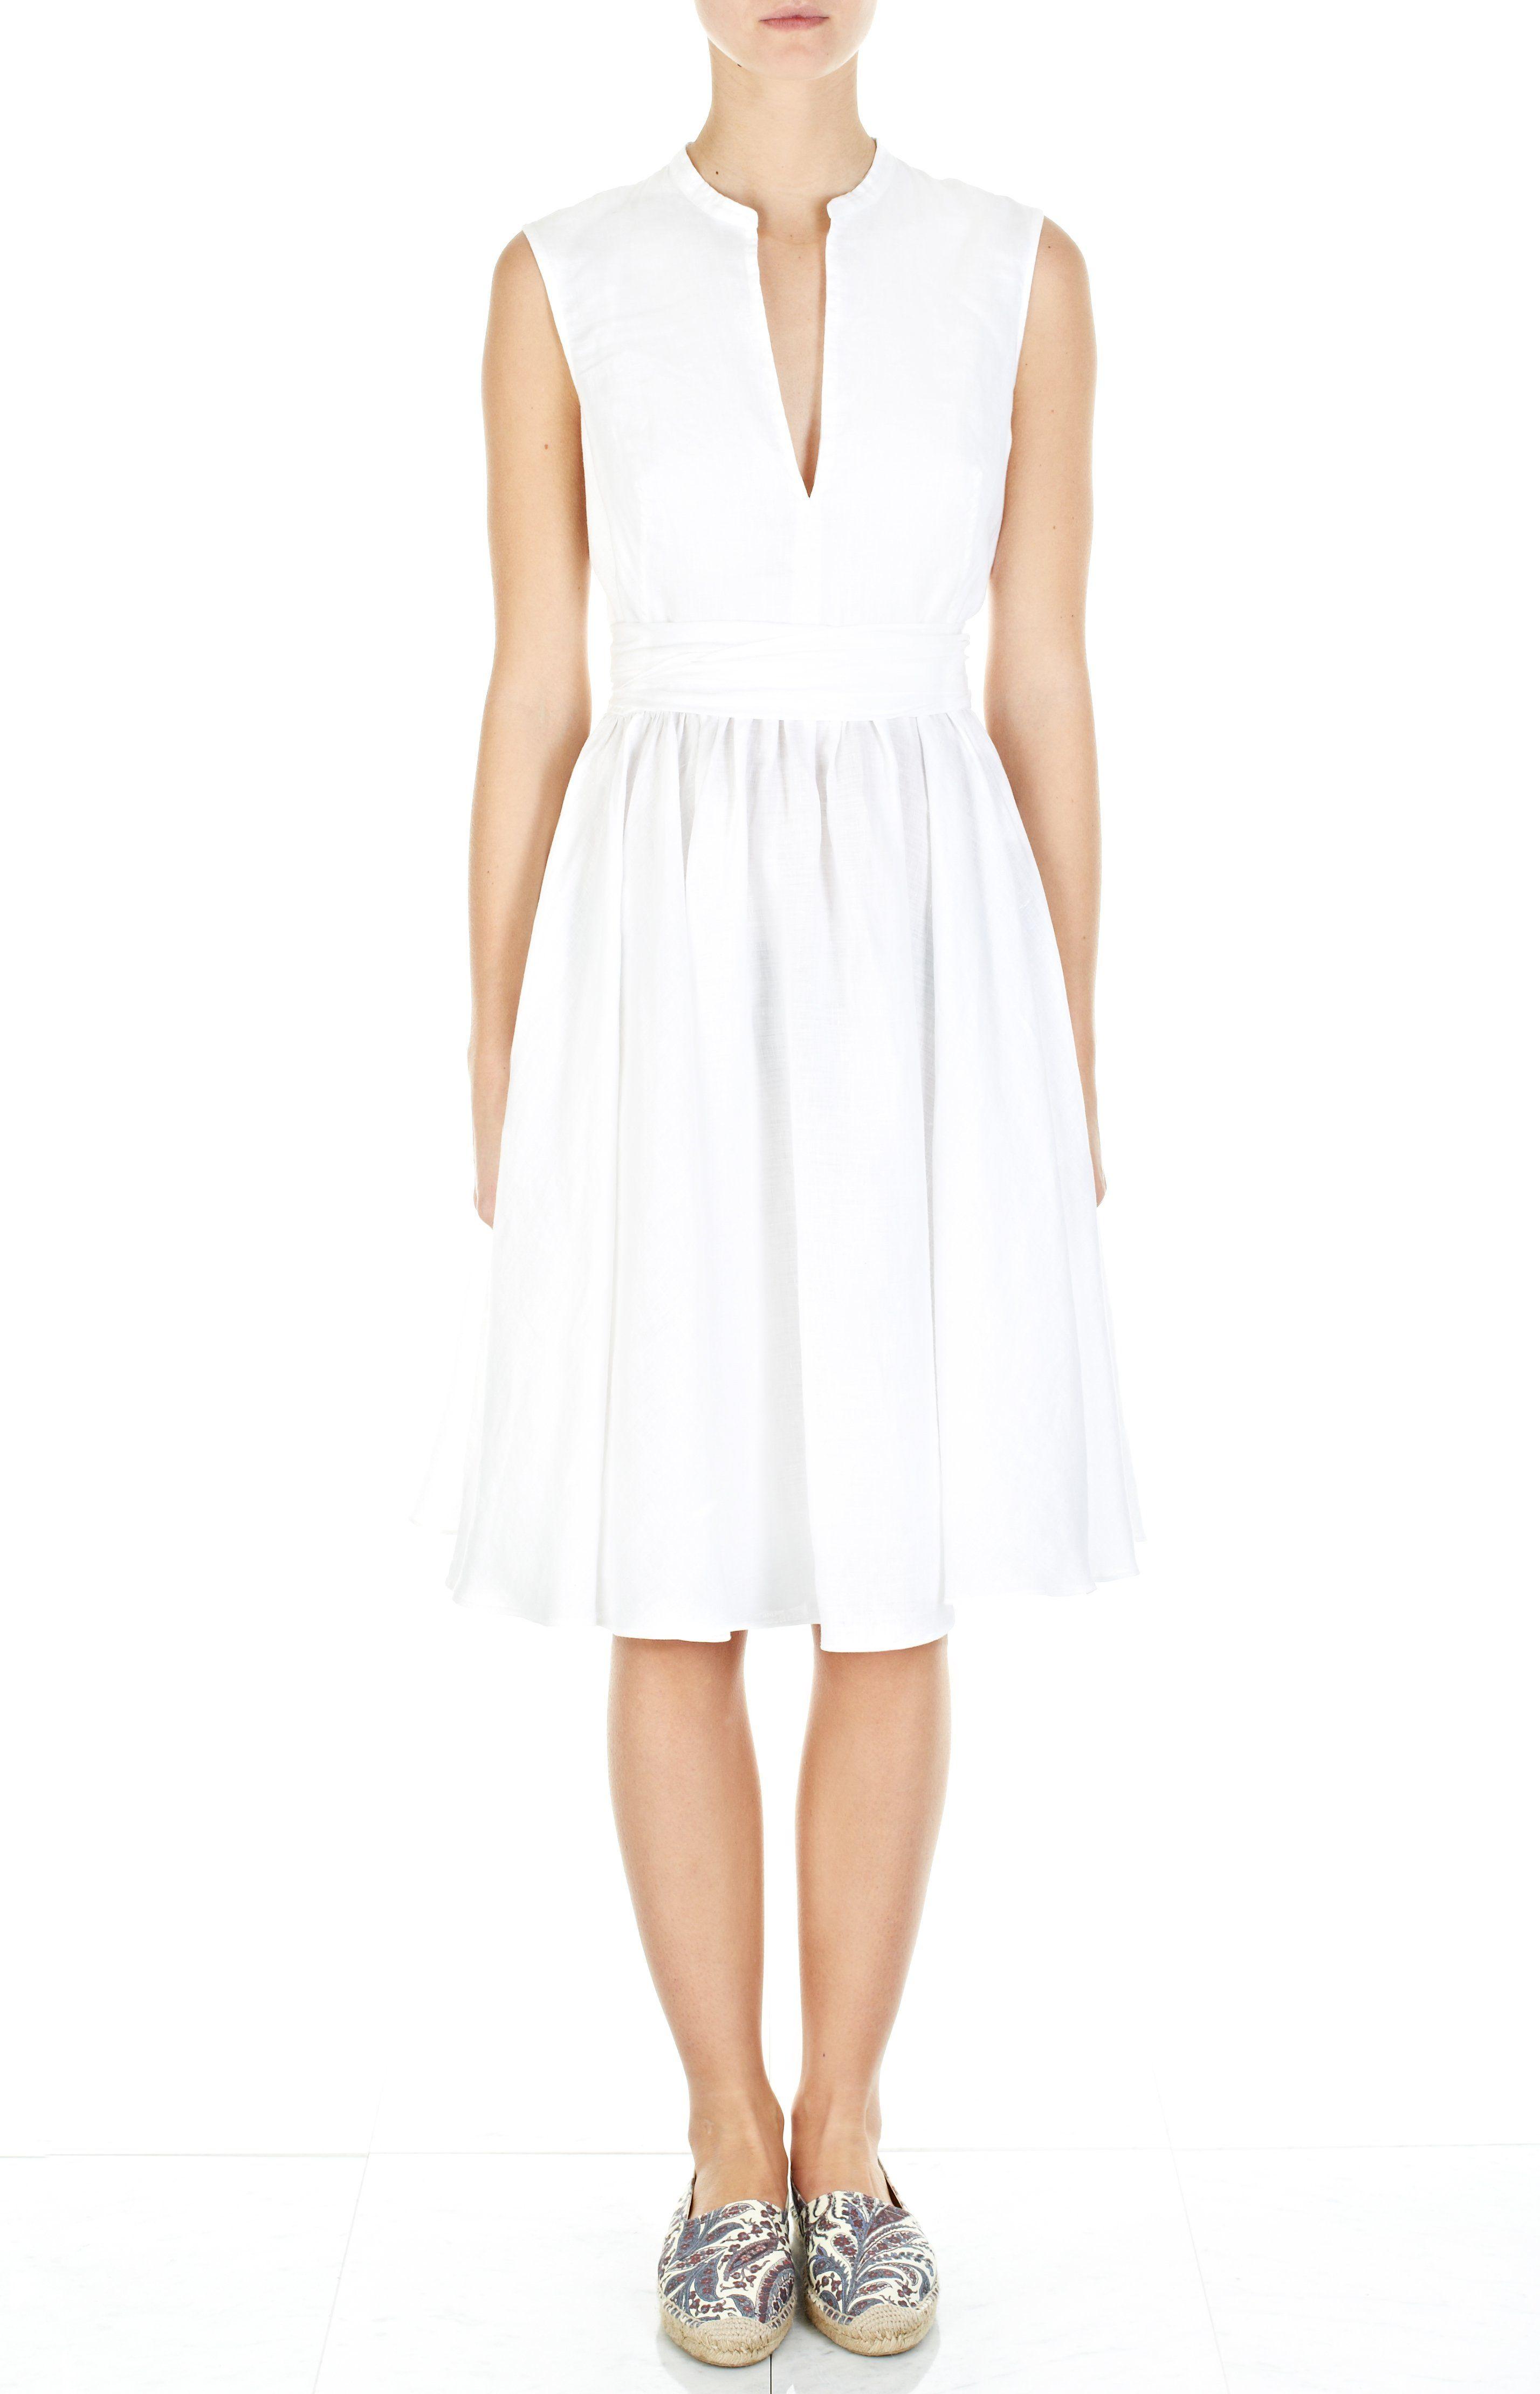 Weißes Leinenkleid mit Taillenband   Clothes & accessories ...